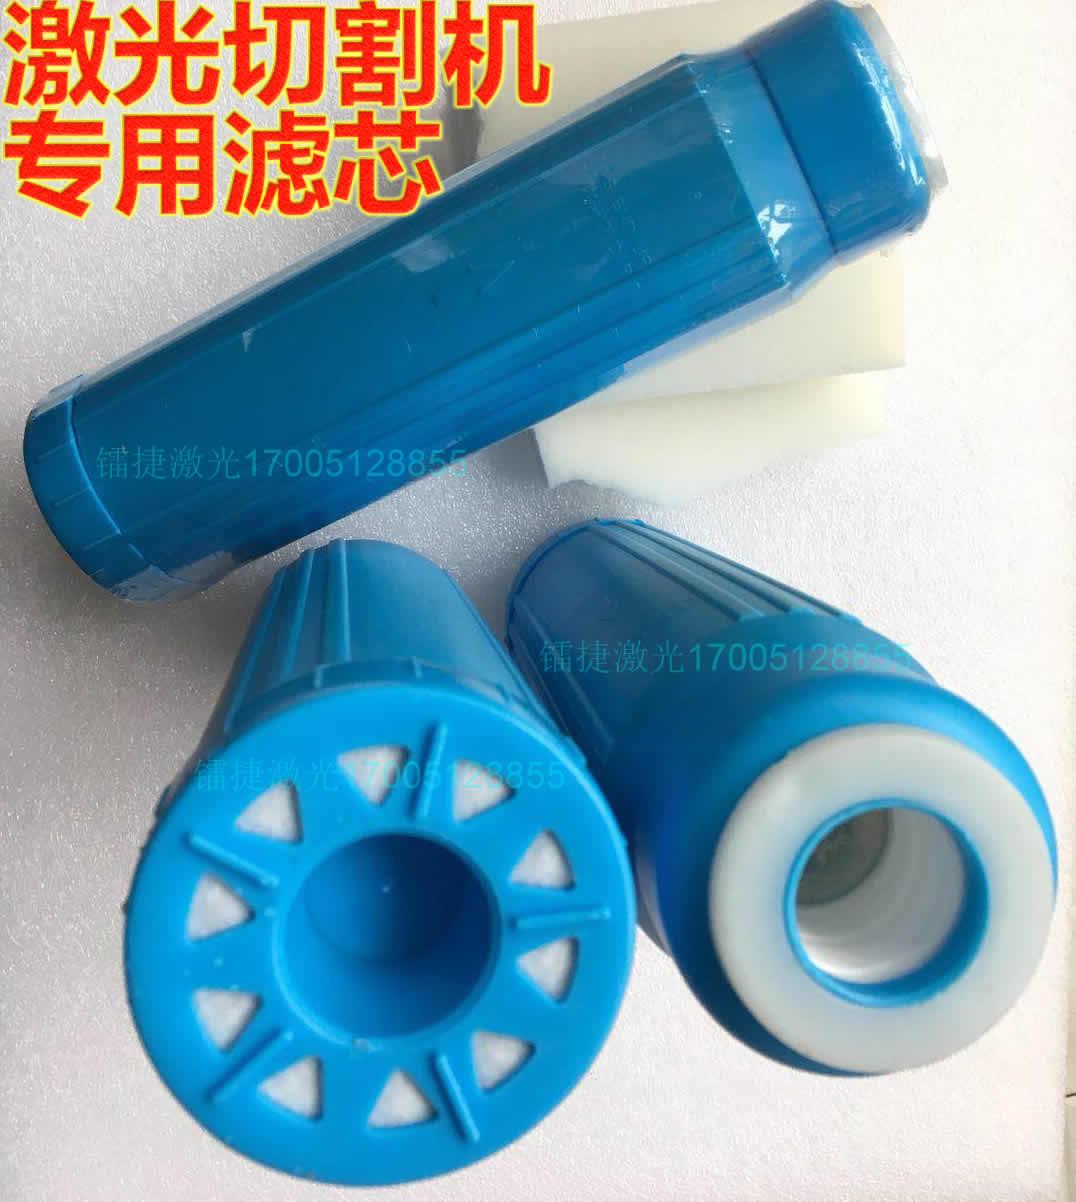 Лазер резак фильтр синий одинаковый летать холодная вода машинально идти ион смола фильтр одинаковый летать холодная вода фильтратор ядро лазер